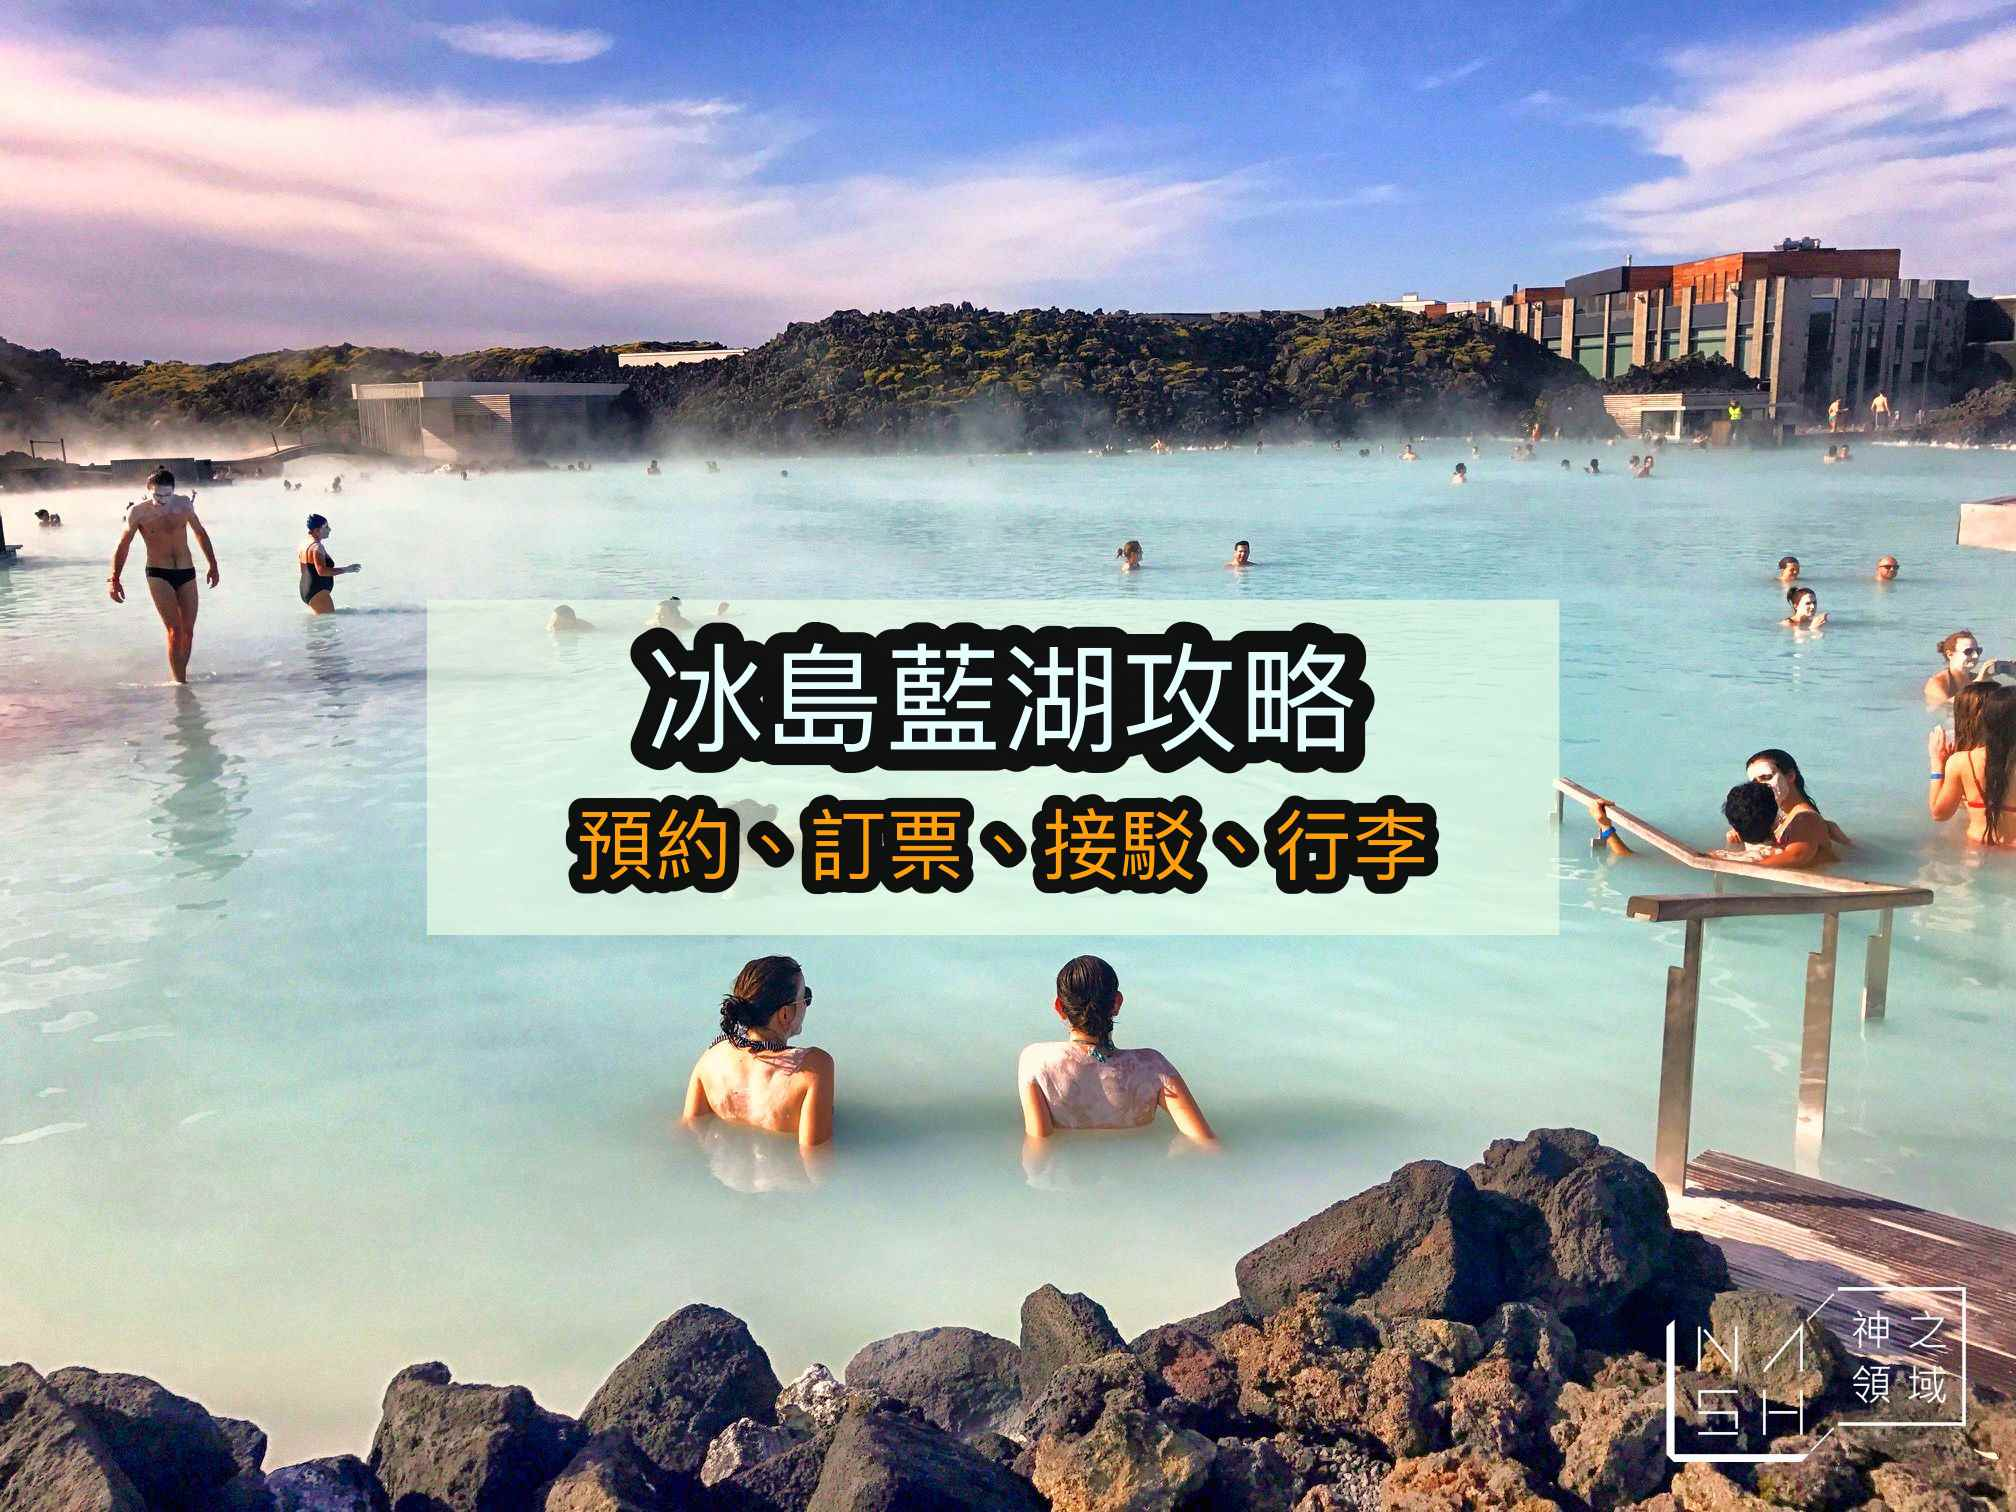 冰島藍湖,Blue Lagoon,冰島自由行,藍湖預約,藍湖訂票,藍湖交通,藍湖行李,藍湖接駁 @Nash,神之領域